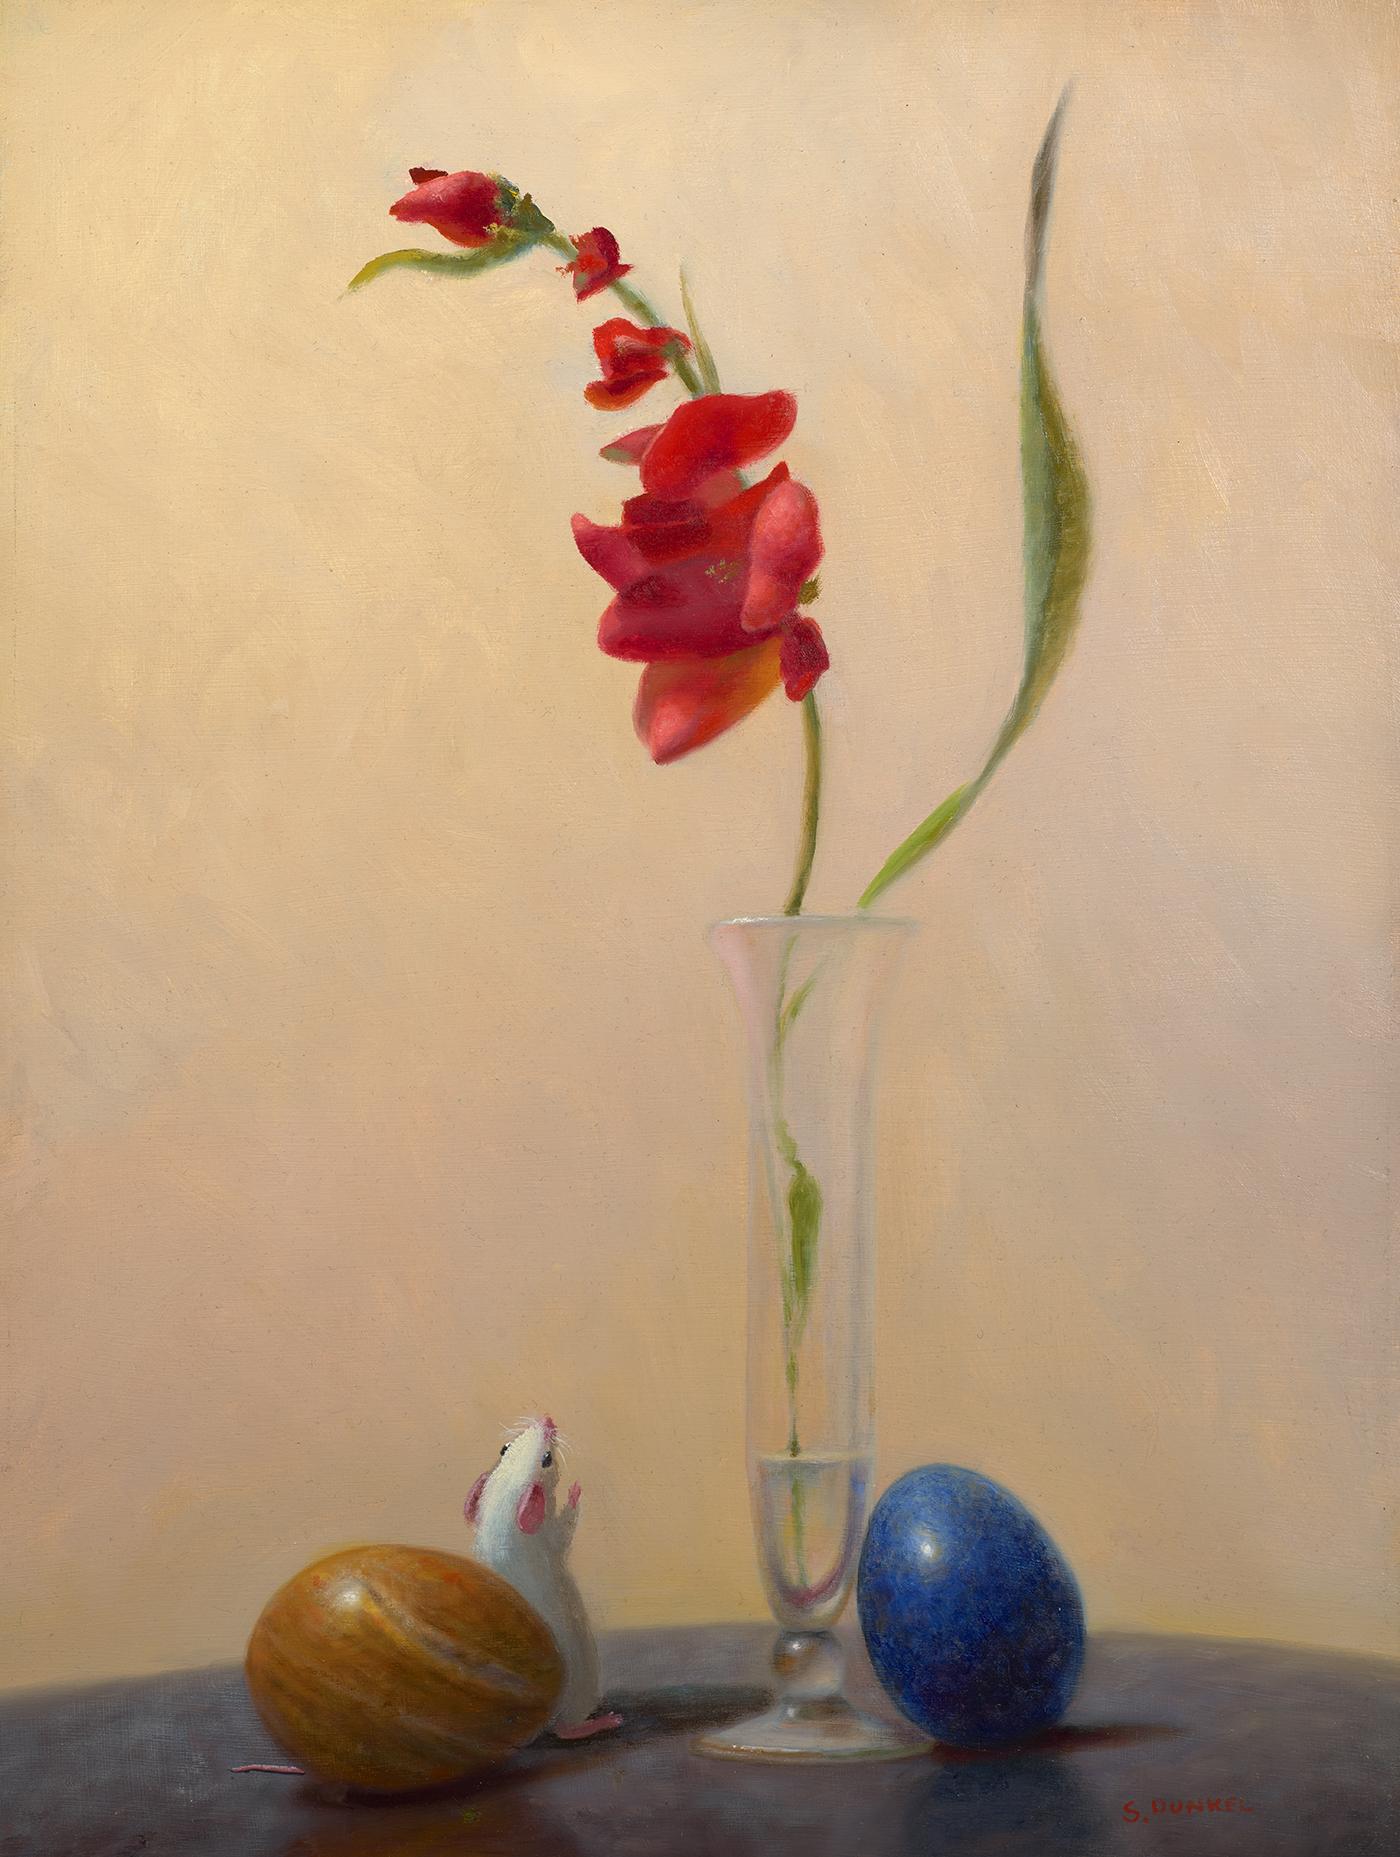 stuart_dunkel_sd1613_orchid_and_eggs.jpg